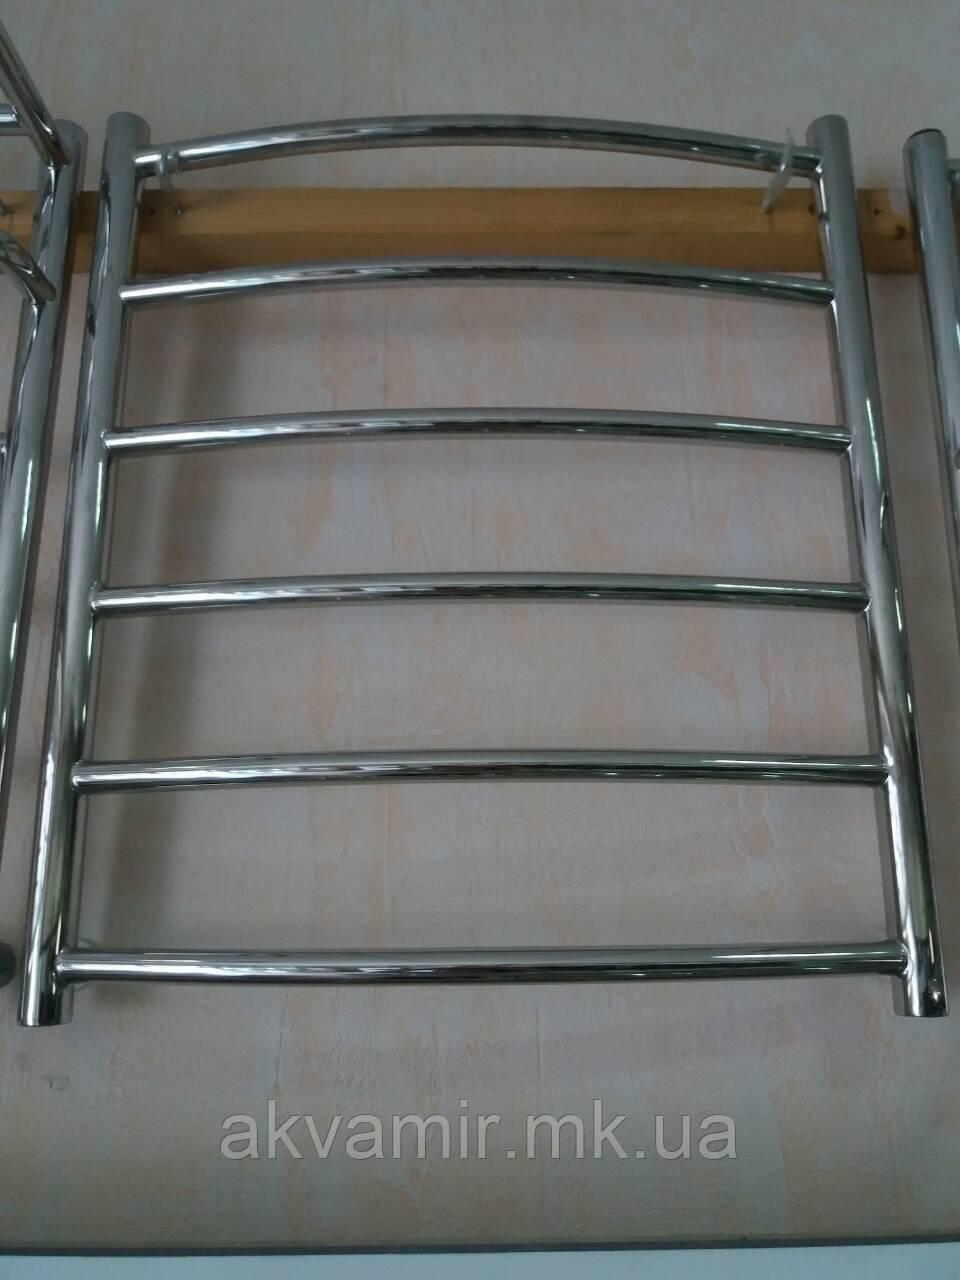 Полотенцесушитель Элна-Сервис Классик-6 605*530*90 мм водяной